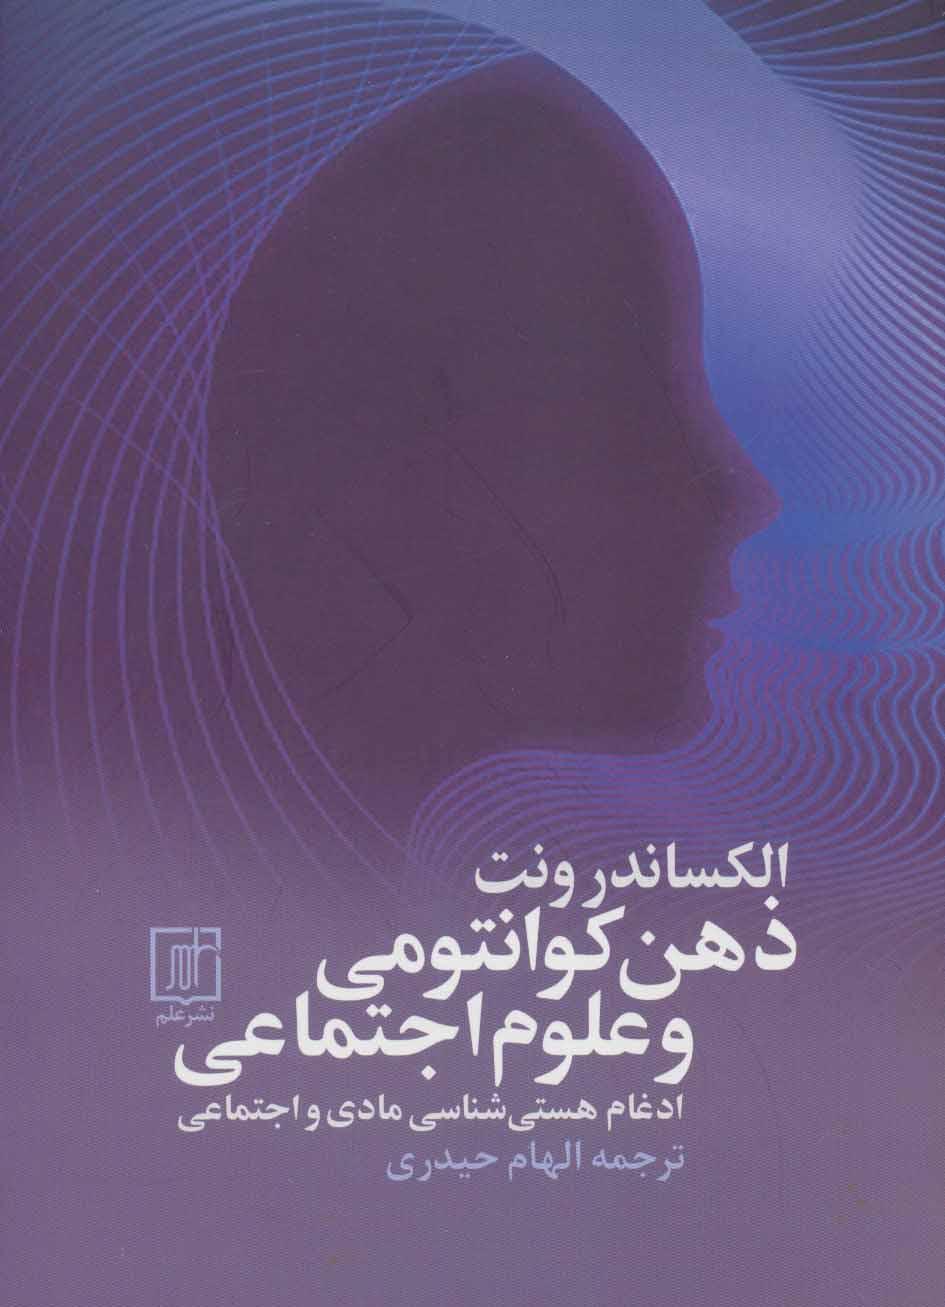 کتاب ذهن کوانتومی و علوم اجتماعی: ادغام هستیشناسی مادی و اجتماعی